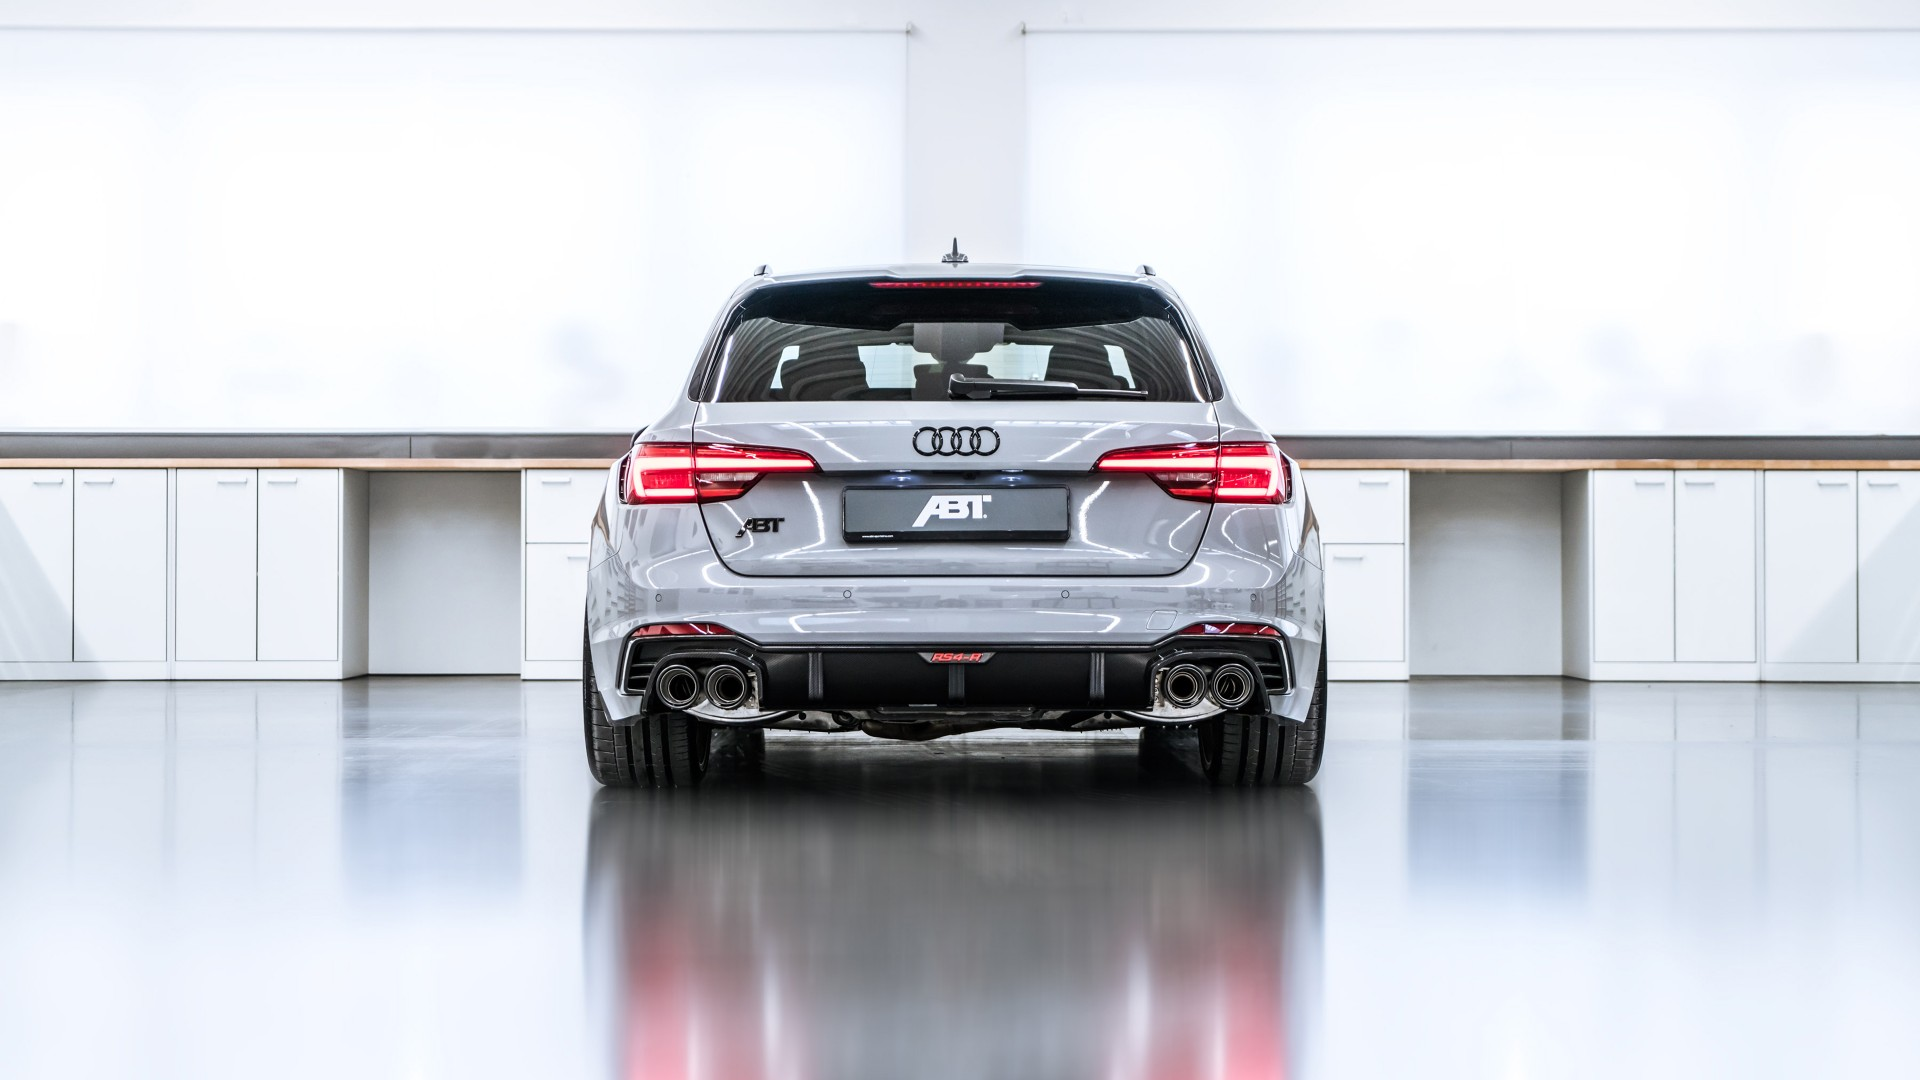 Audi A4 Iphone Wallpaper 2018 Abt Audi Rs4 R Avant 4k 3 Wallpaper Hd Car